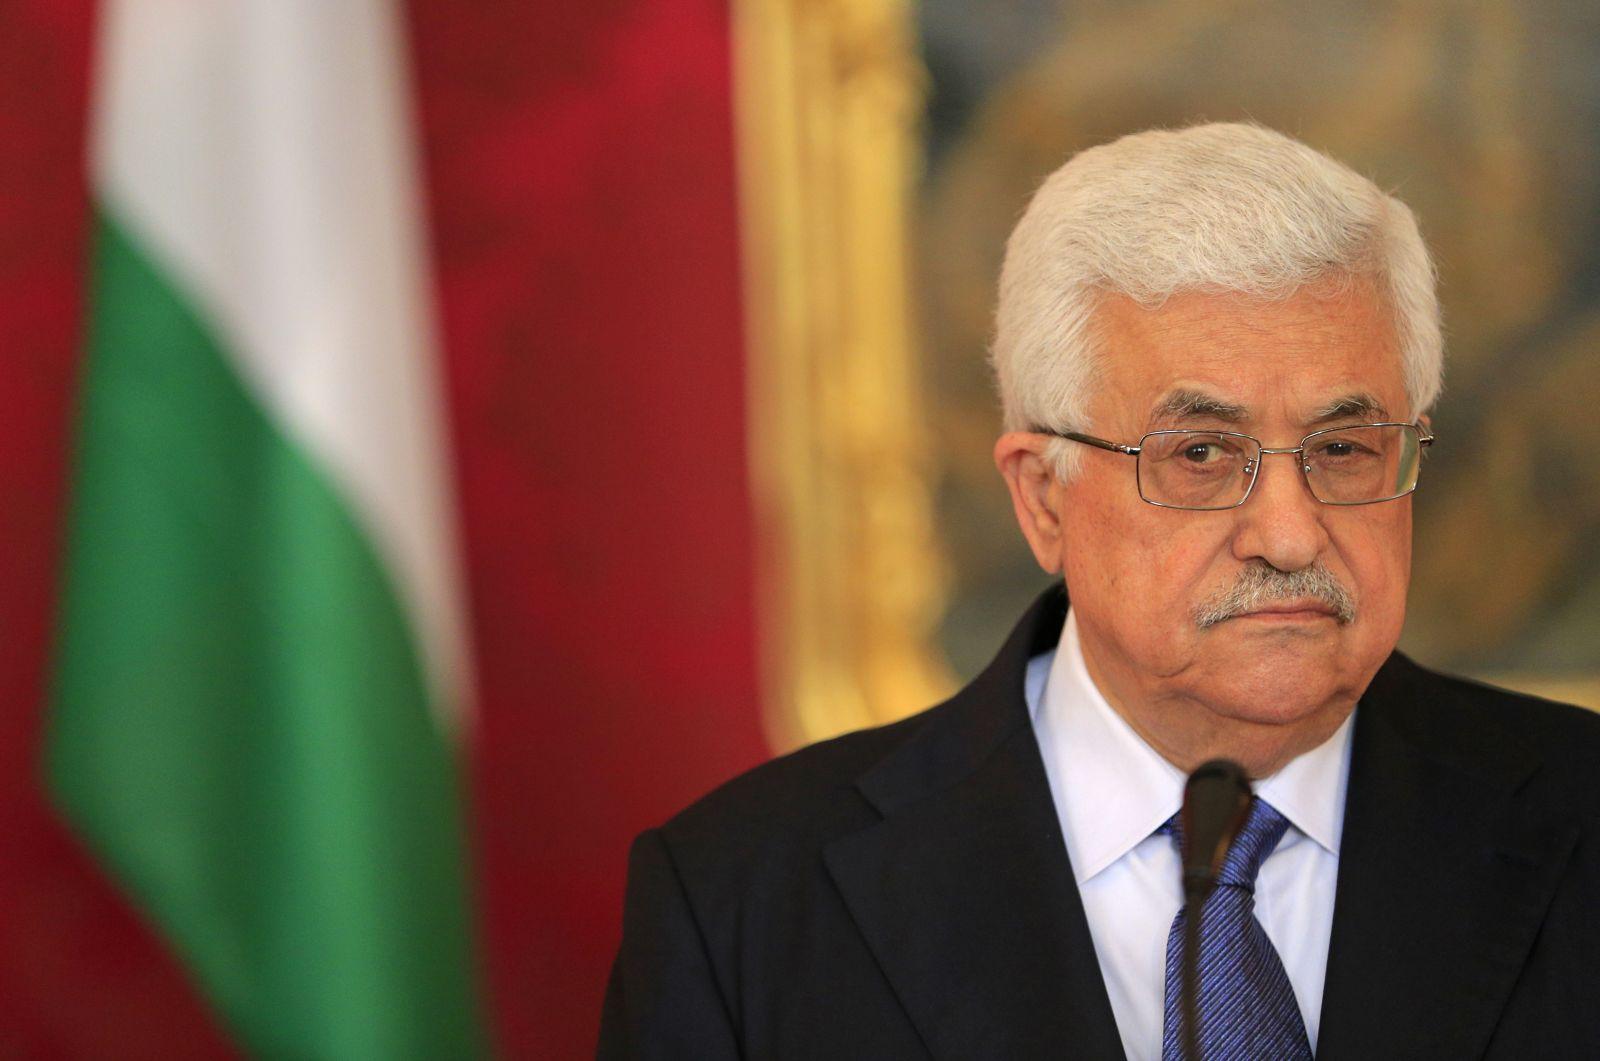 محللون: الرئيس الفلسطيني عباس غير قادر على فعل شيء لوقف الهجمات